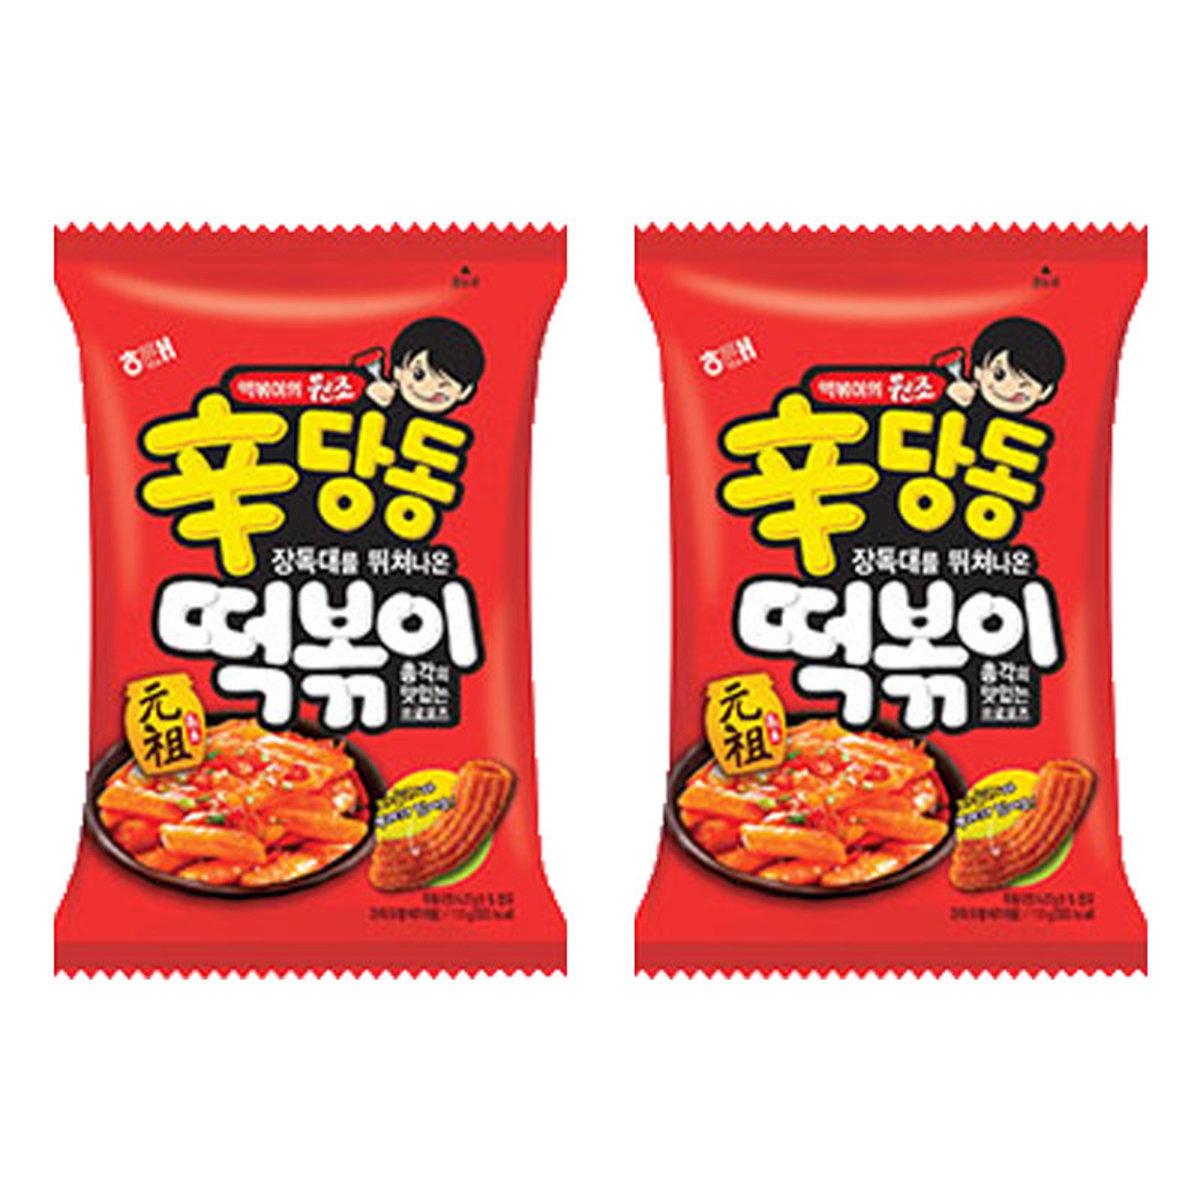 韓國海太 元袓辣年糕脆條 110g x 2包 (8801019606311_2)[海太]